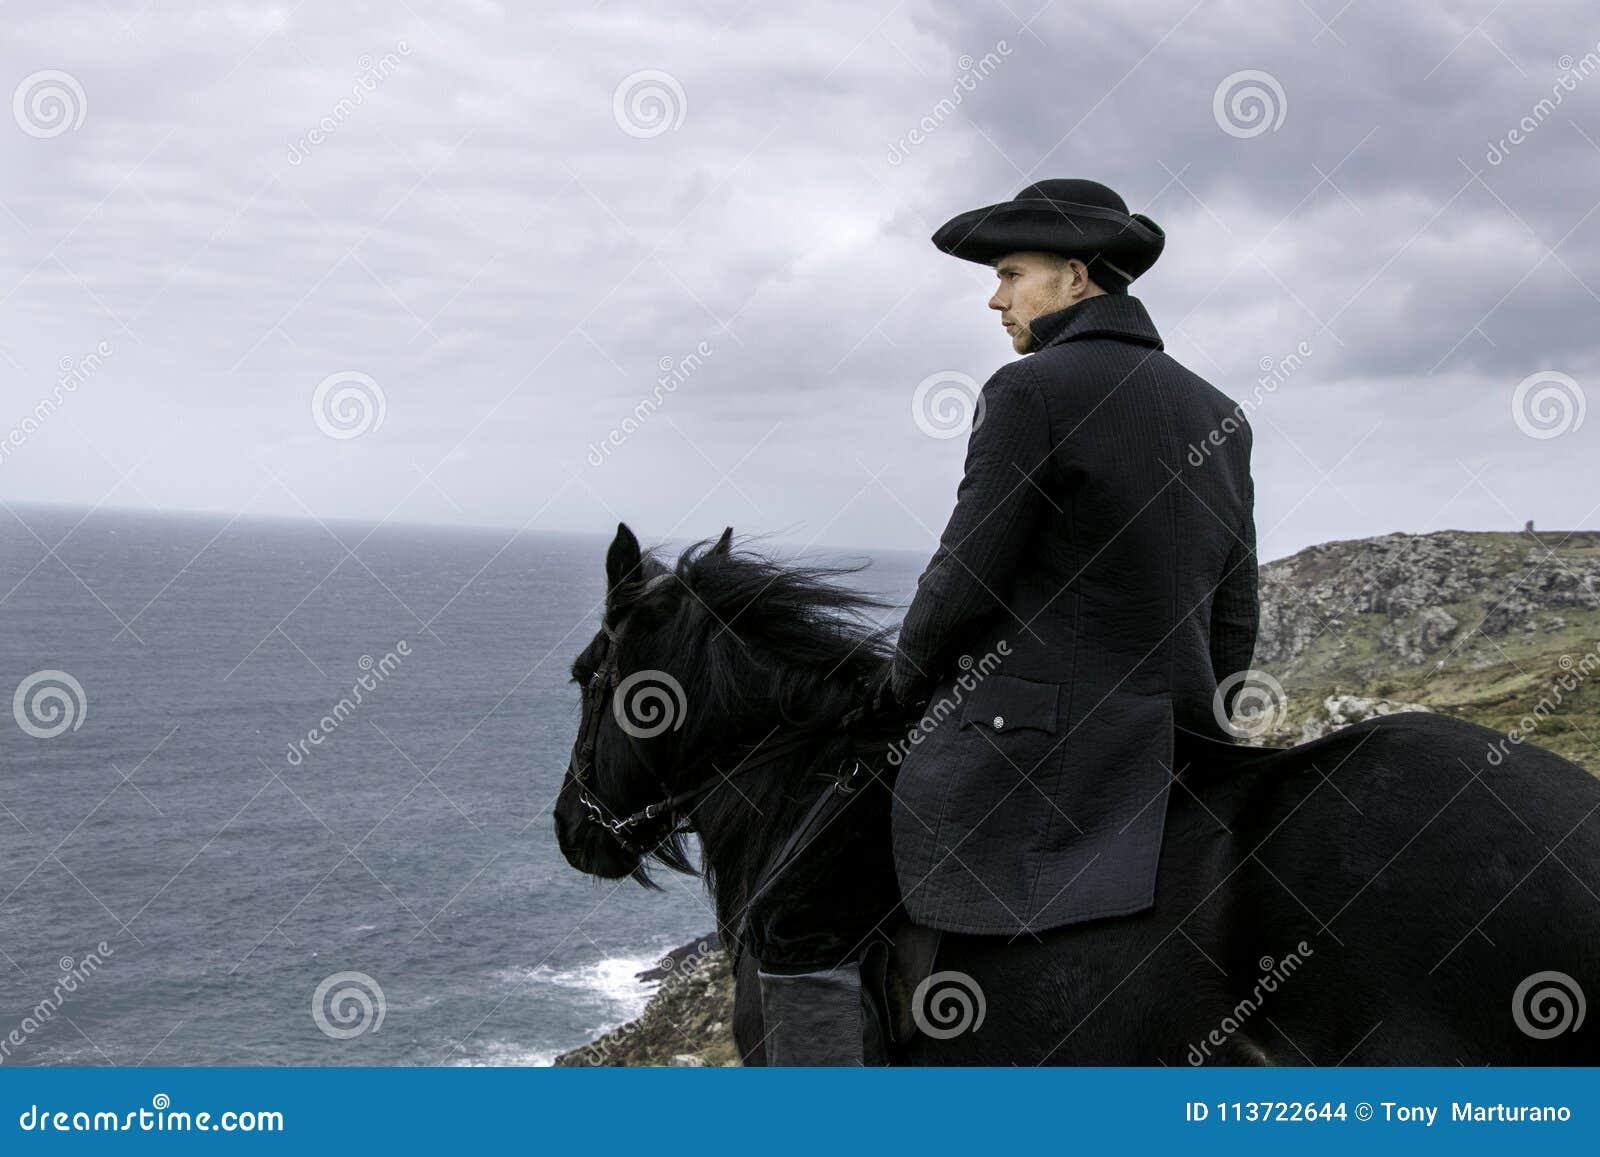 Traje do século XVIII considerável de Rider Regency Poldark do cavalo masculino com ruínas da mina de lata e Oceano Atlântico no